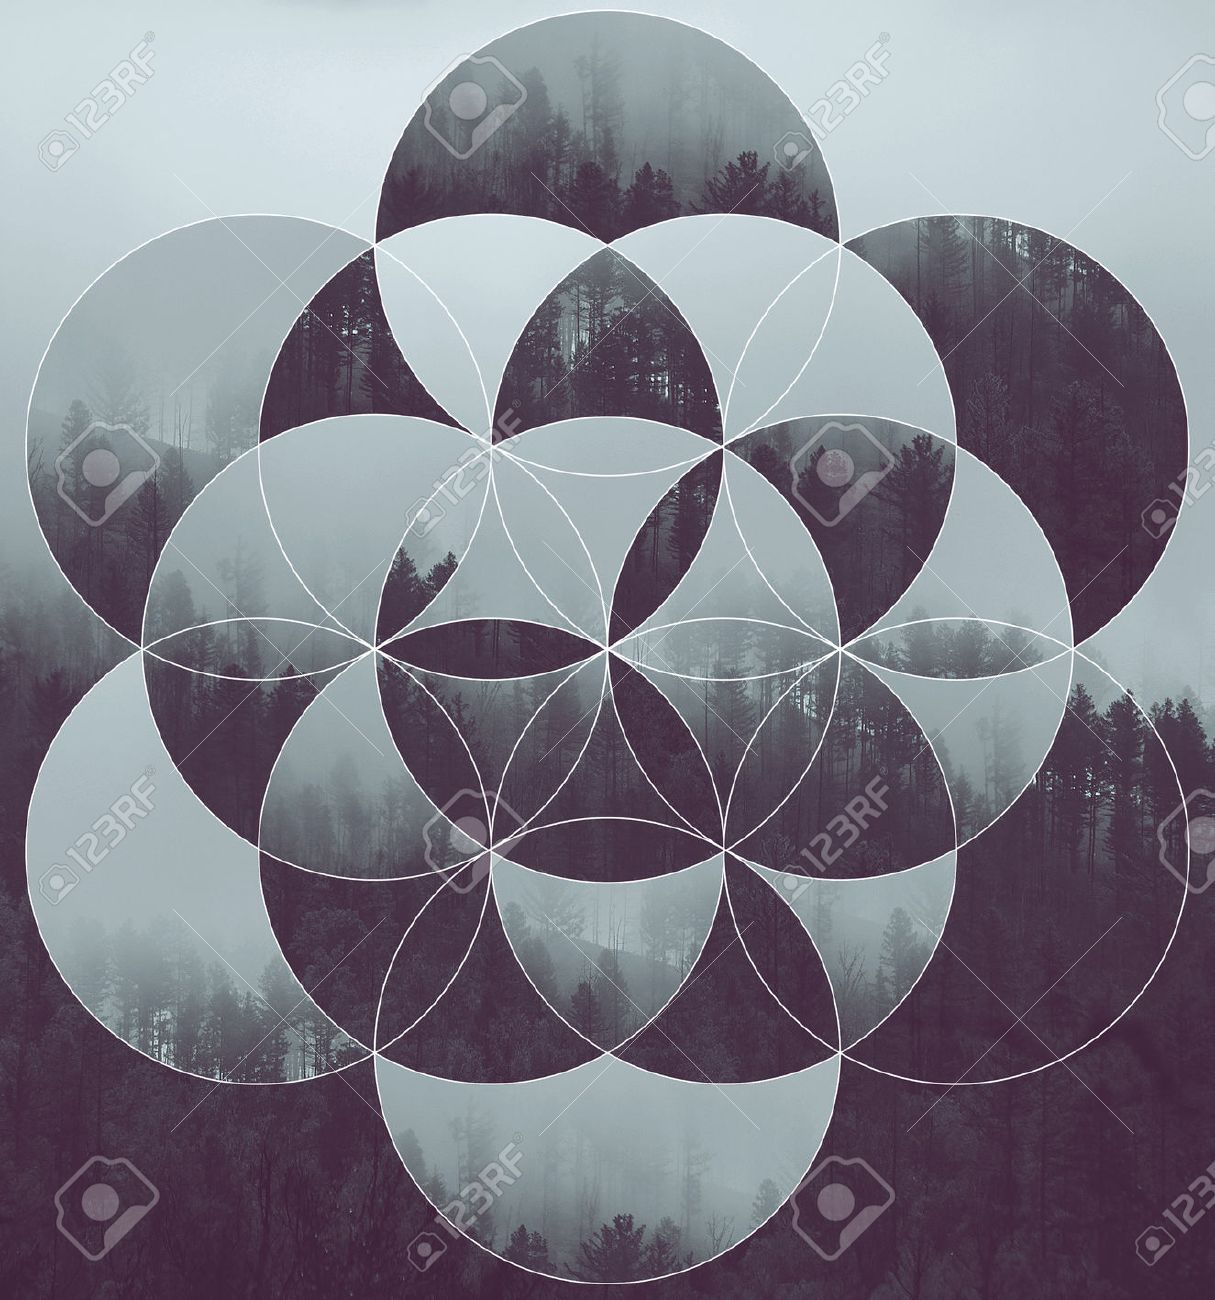 Résumé de fond avec l'image de la forêt et la fleur de la vie. L'harmonie, la spiritualité, l'unité de la nature. Collage, mosaïque. Banque d'images - 51110810